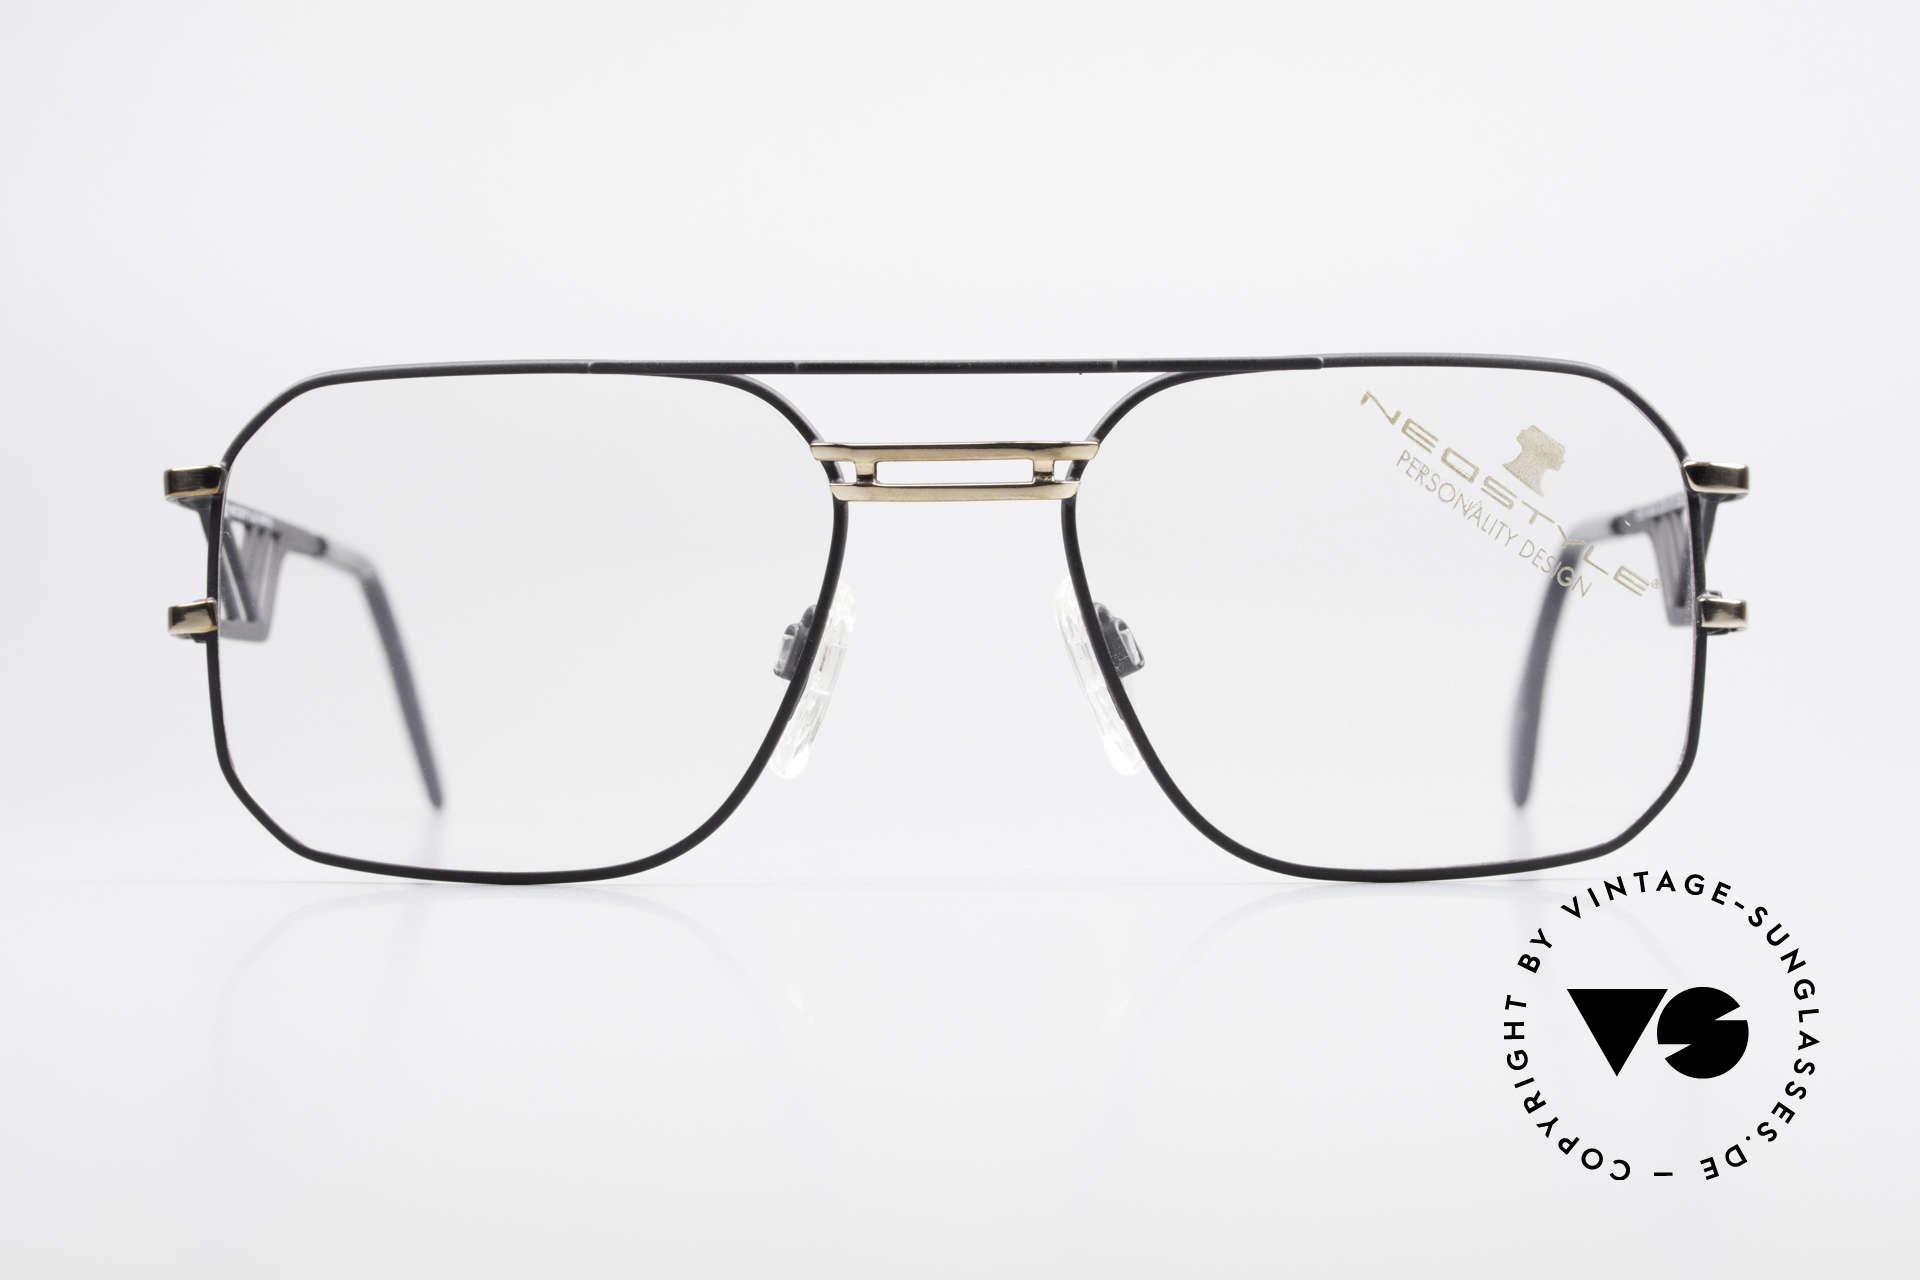 Neostyle Boutique 306 Champion Vintage Brille 80er, sehr begehrtes Modell der BOUTIQUE-Serie, Passend für Herren